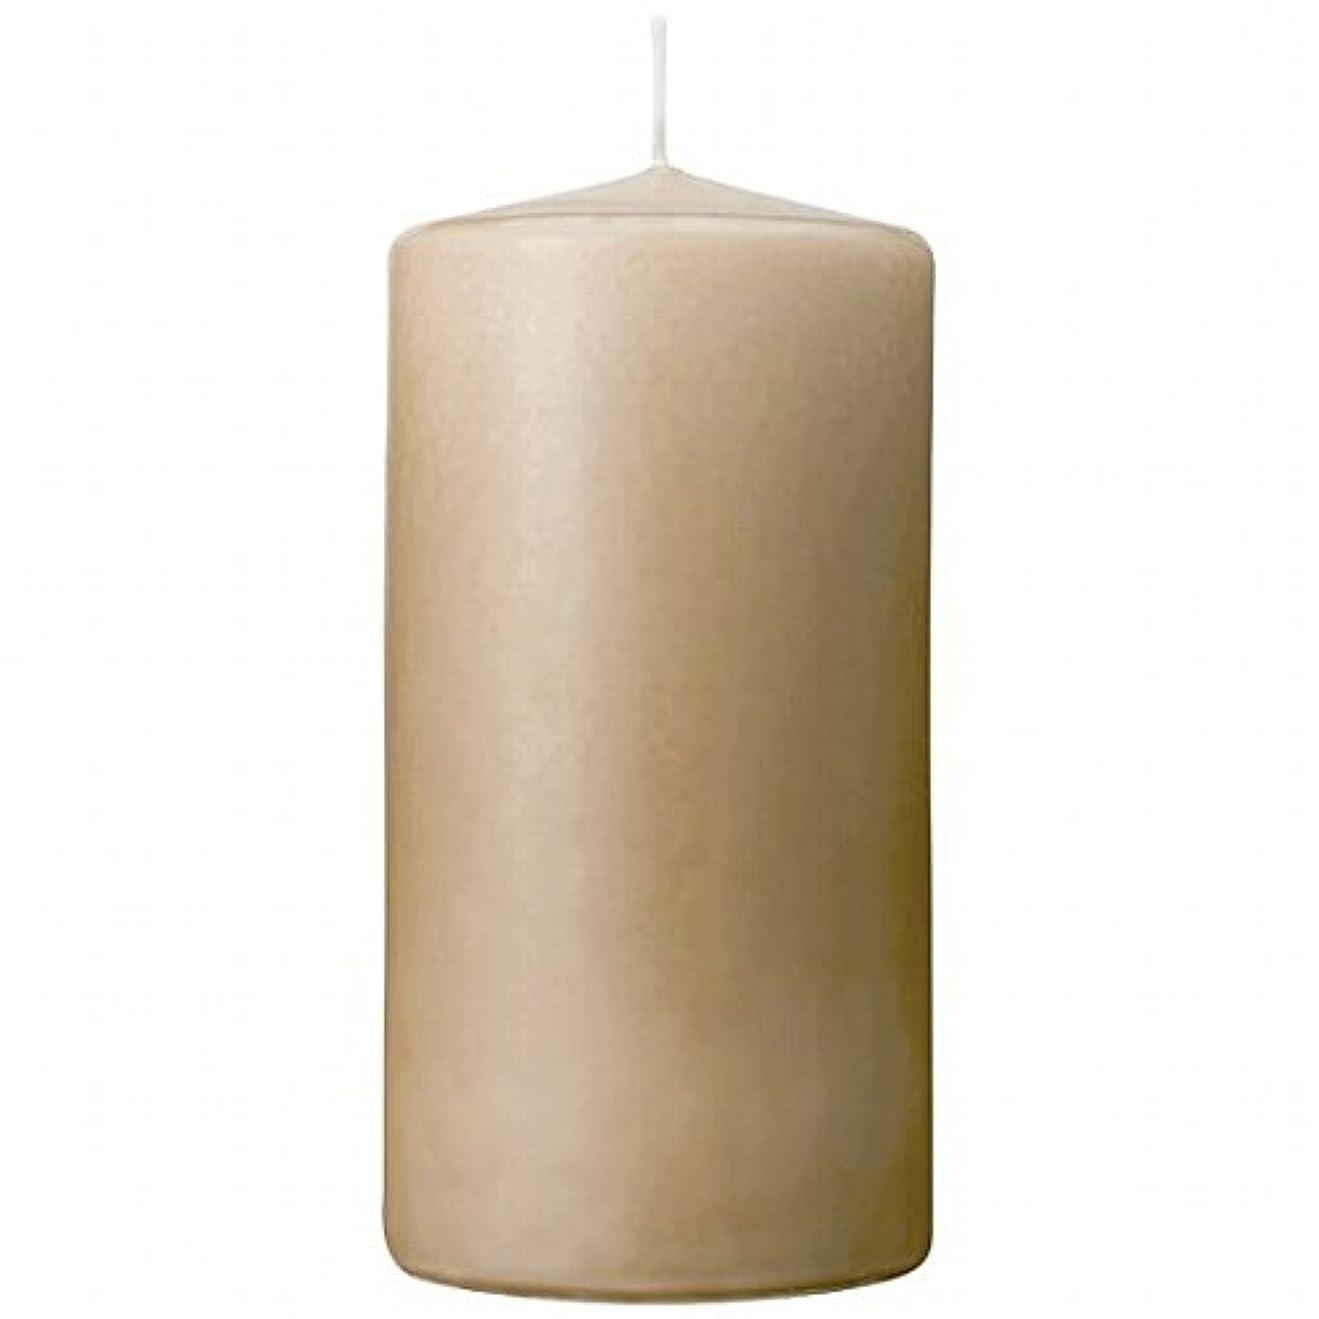 文言コーヒーメキシコカメヤマキャンドル(kameyama candle) 3×6ベルトップピラーキャンドル 「 ベージュ 」